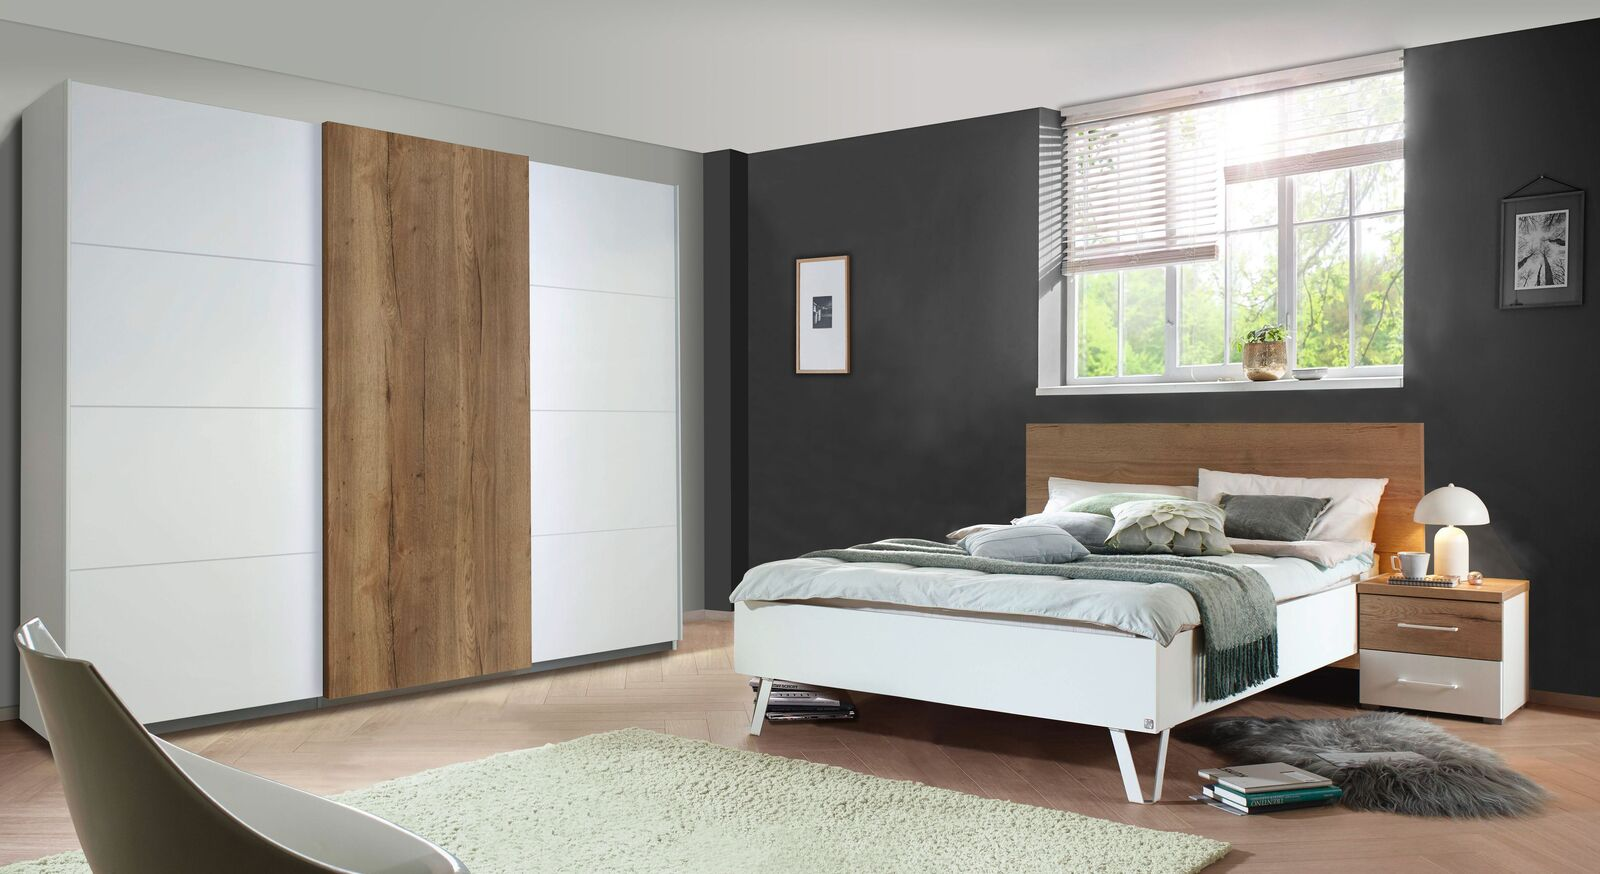 Passende Schlafzimmer-Produkte fürs Designerbett Leona